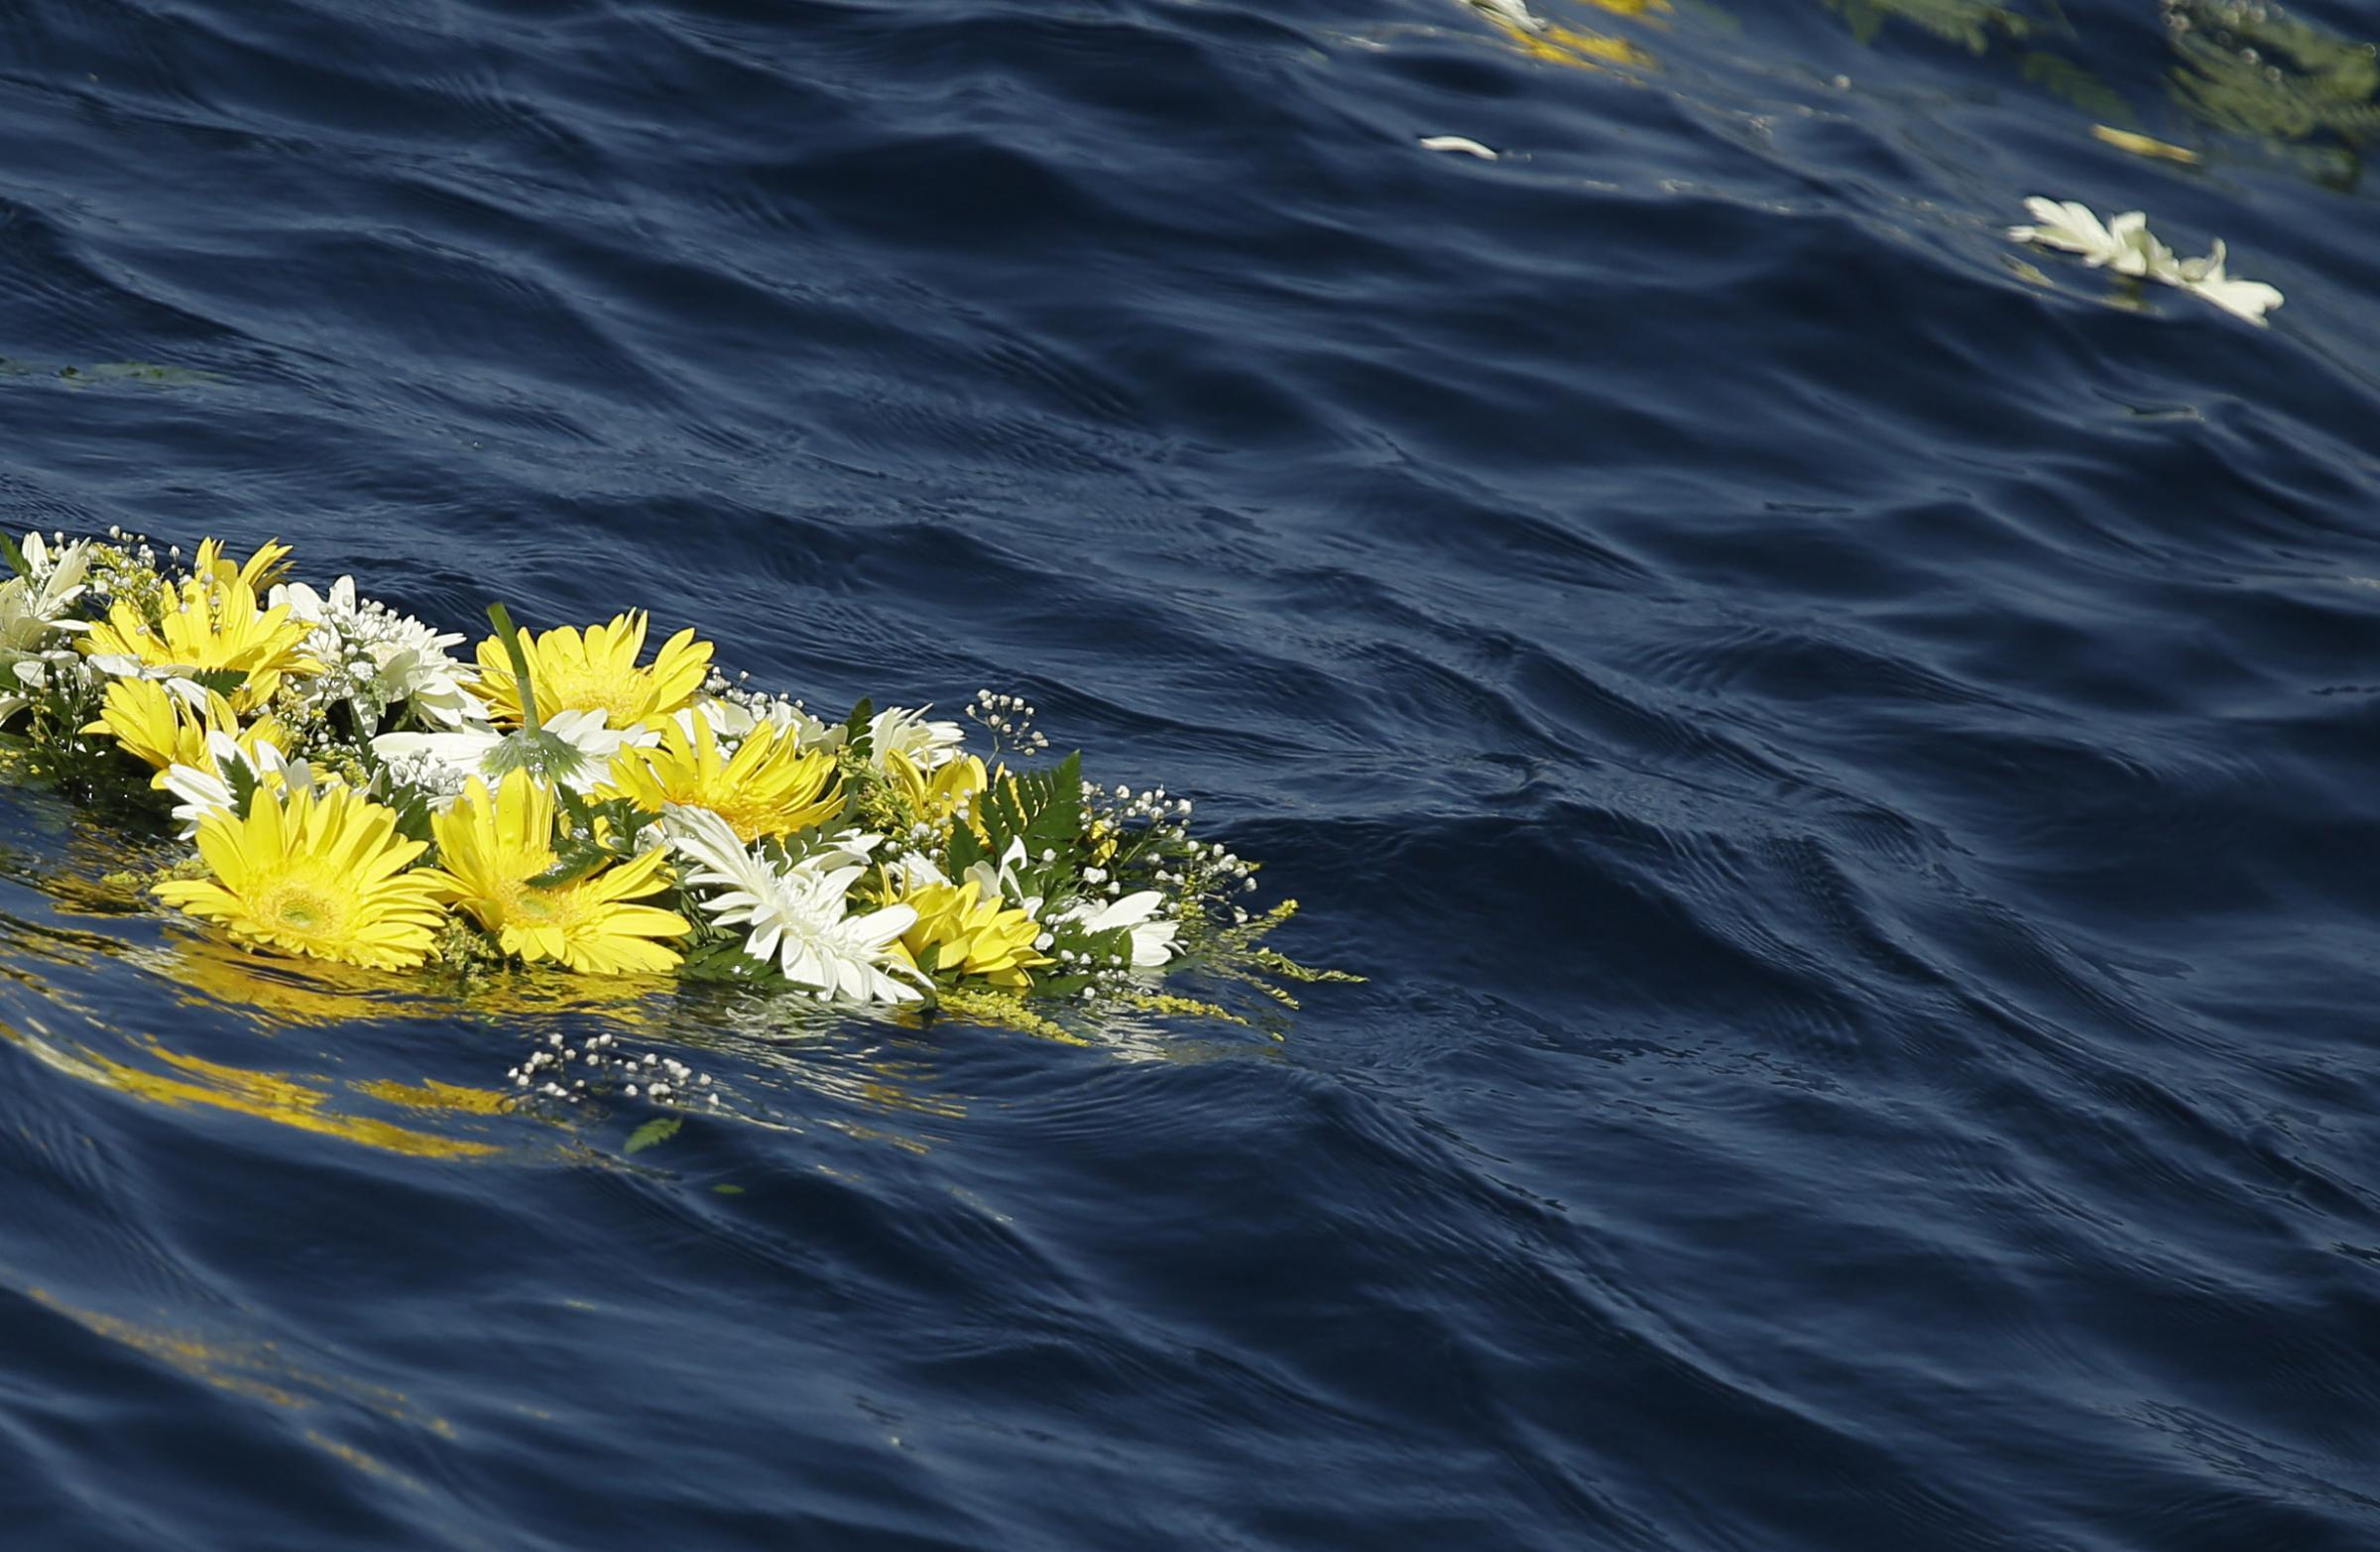 Morti di frontiera: da oggi online Borderdeaths.org una banca dati sui decessi avvenuti tra il 1990 e il 2013